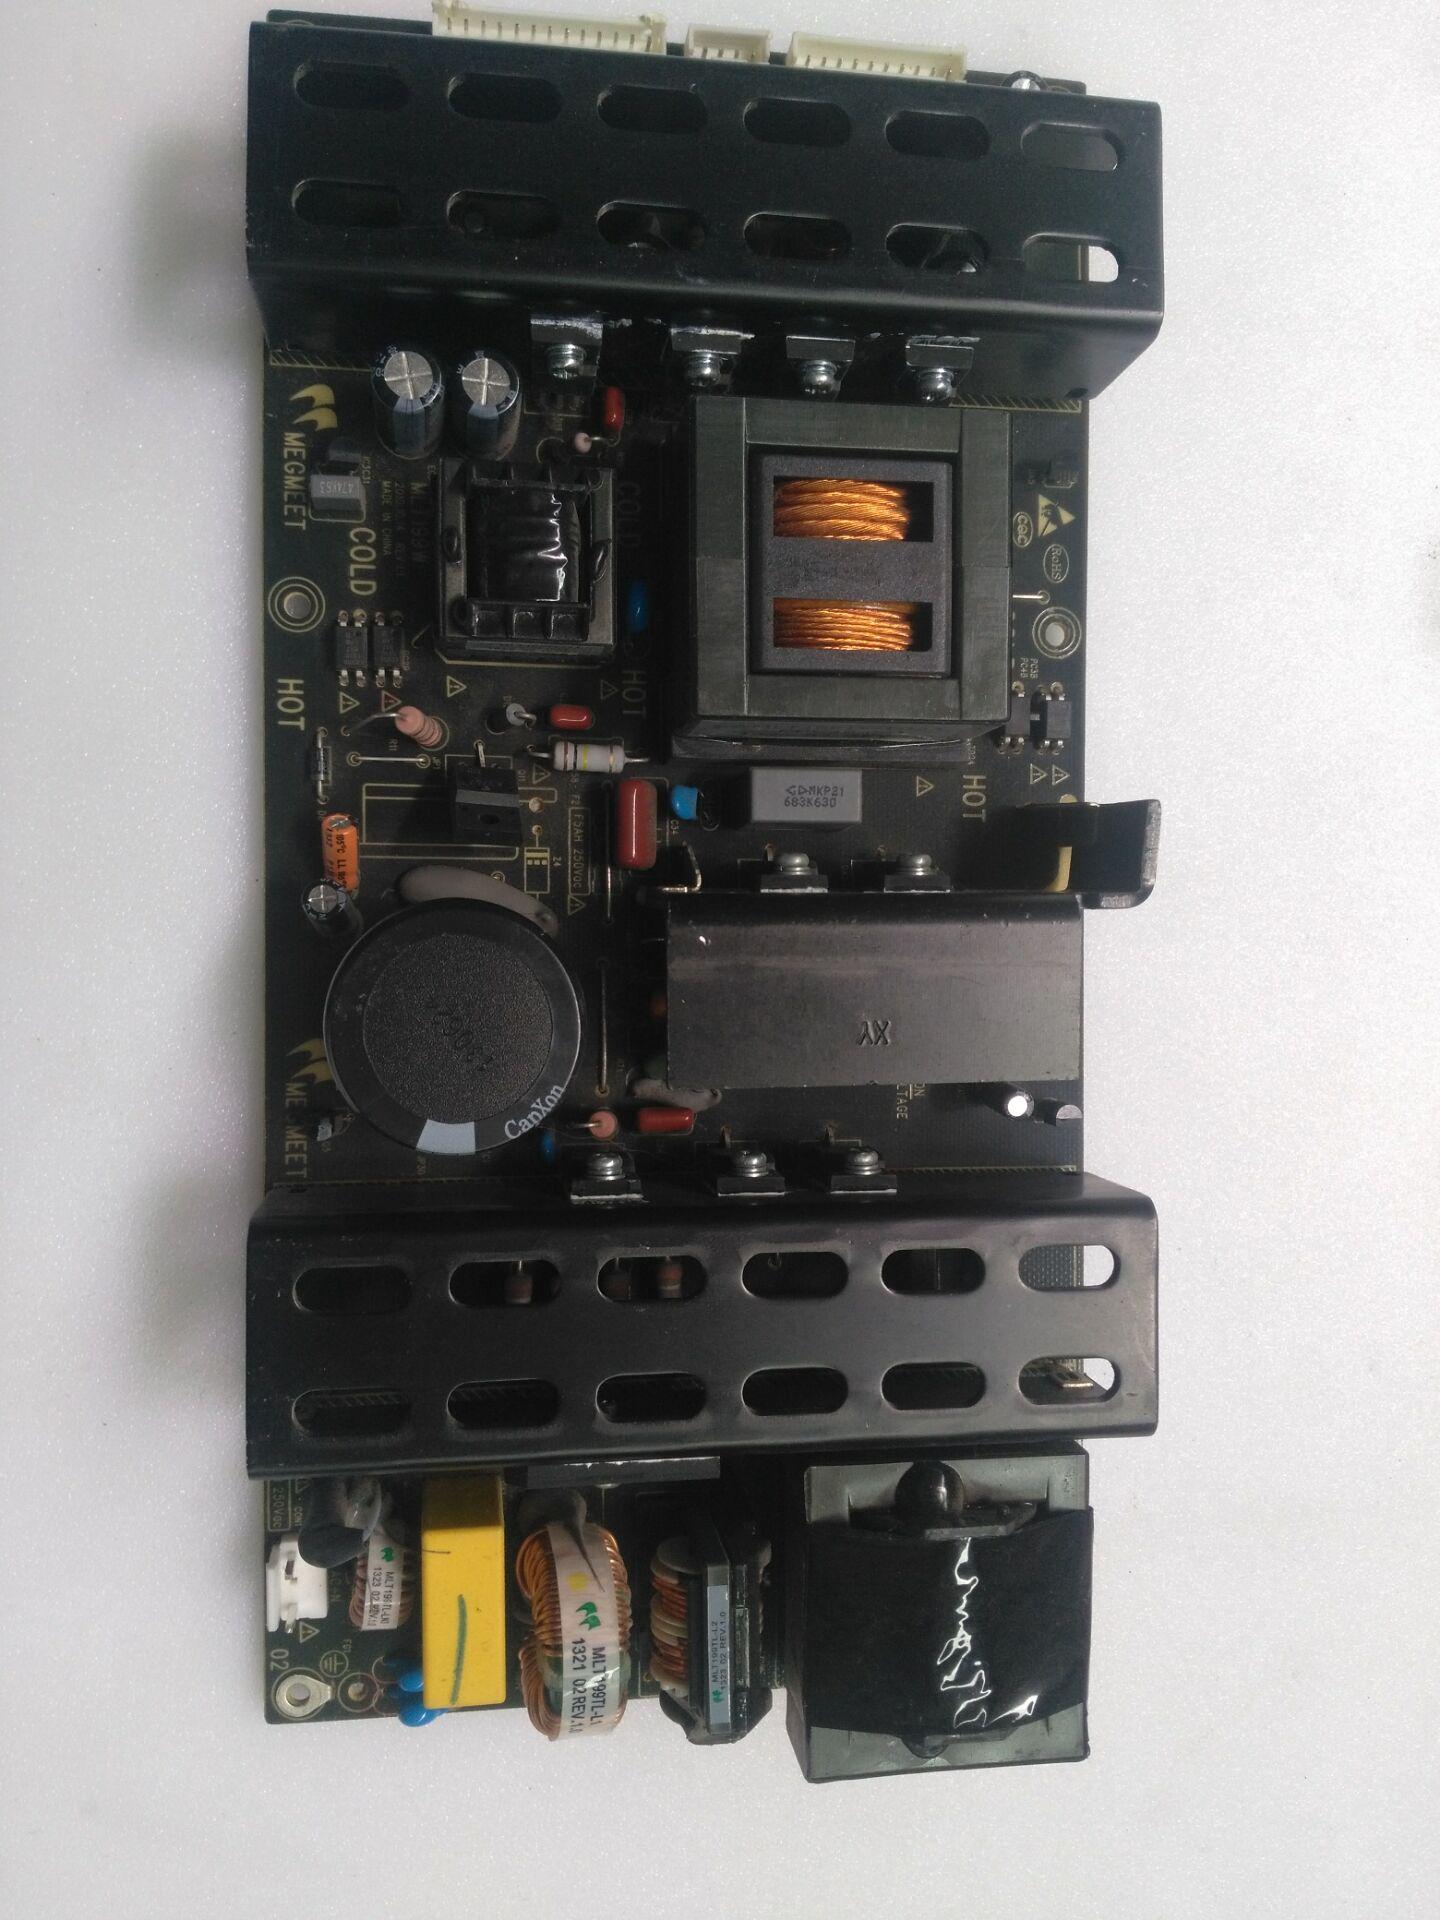 الأصلي MLT199TL-MMLT199W37 / 42 / 47 / 55 بوصة تلفزيون شاشات الكريستال السائل لوحة الطاقة العالمي